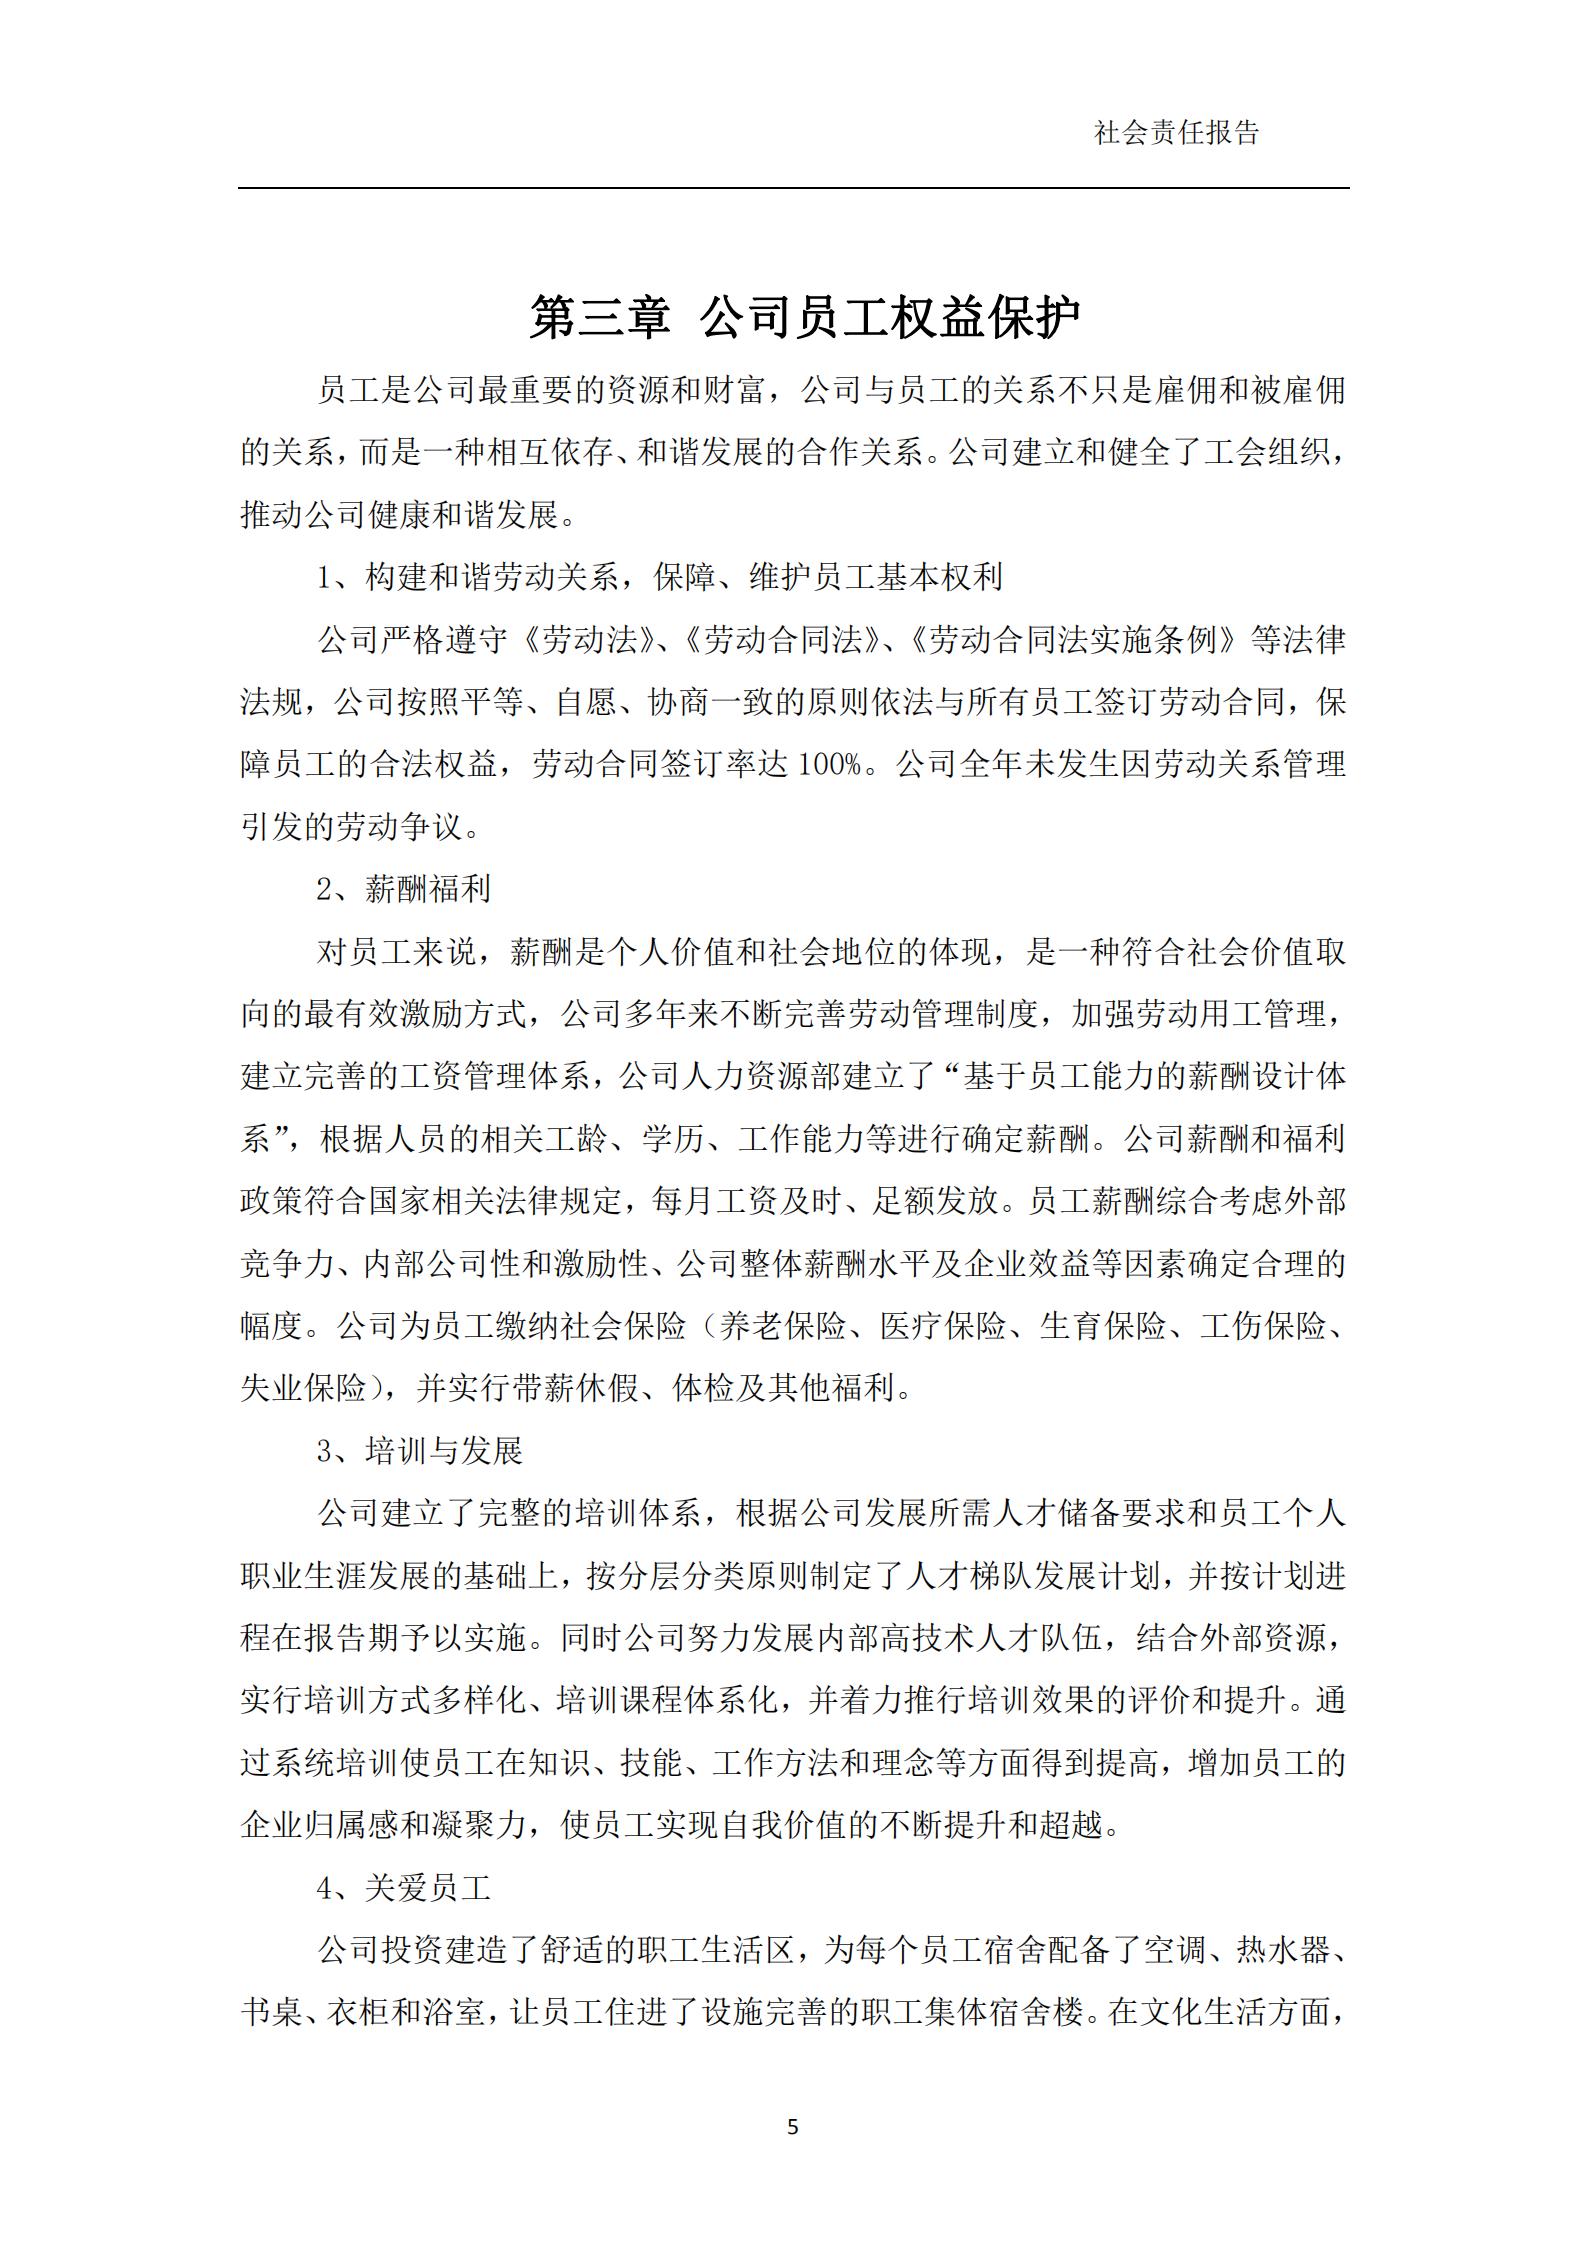 浙江新诚减速机科技有限公司-社会责任报告_05.png